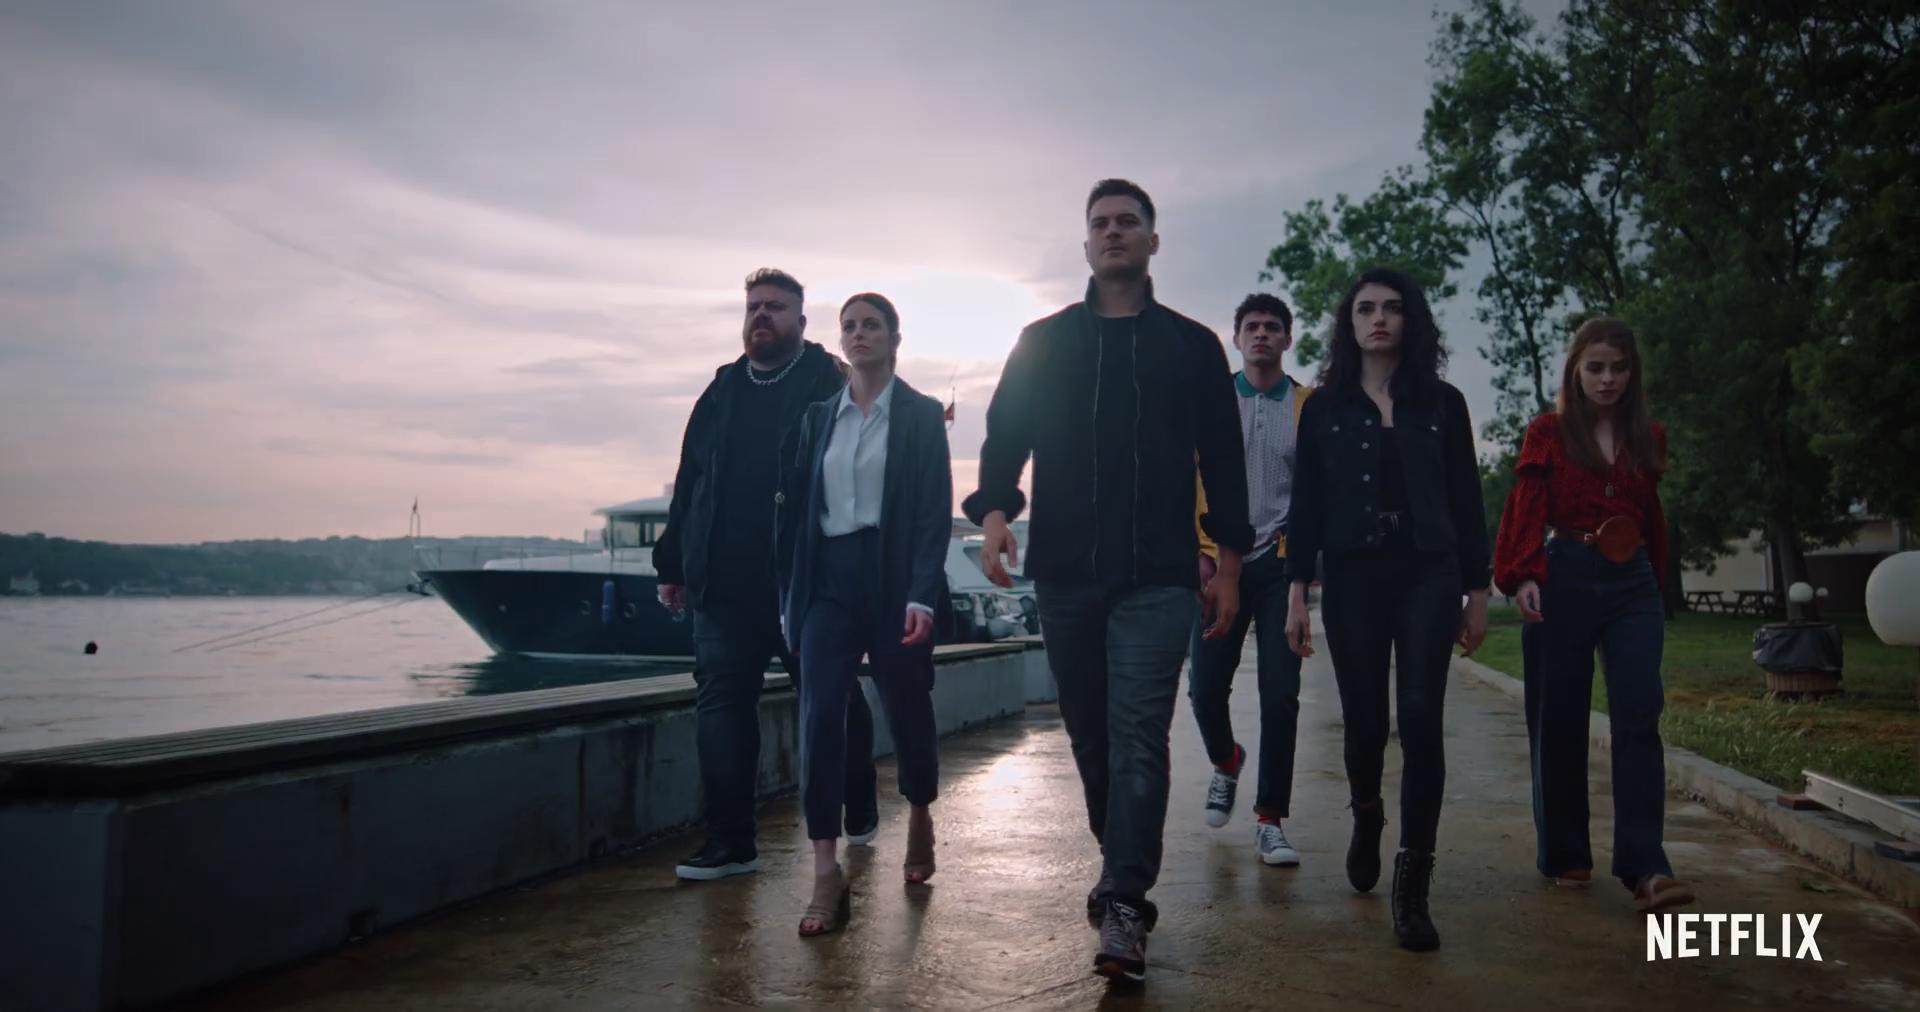 Hakan Muhafız 3. Sezon   The Protector  Netflix